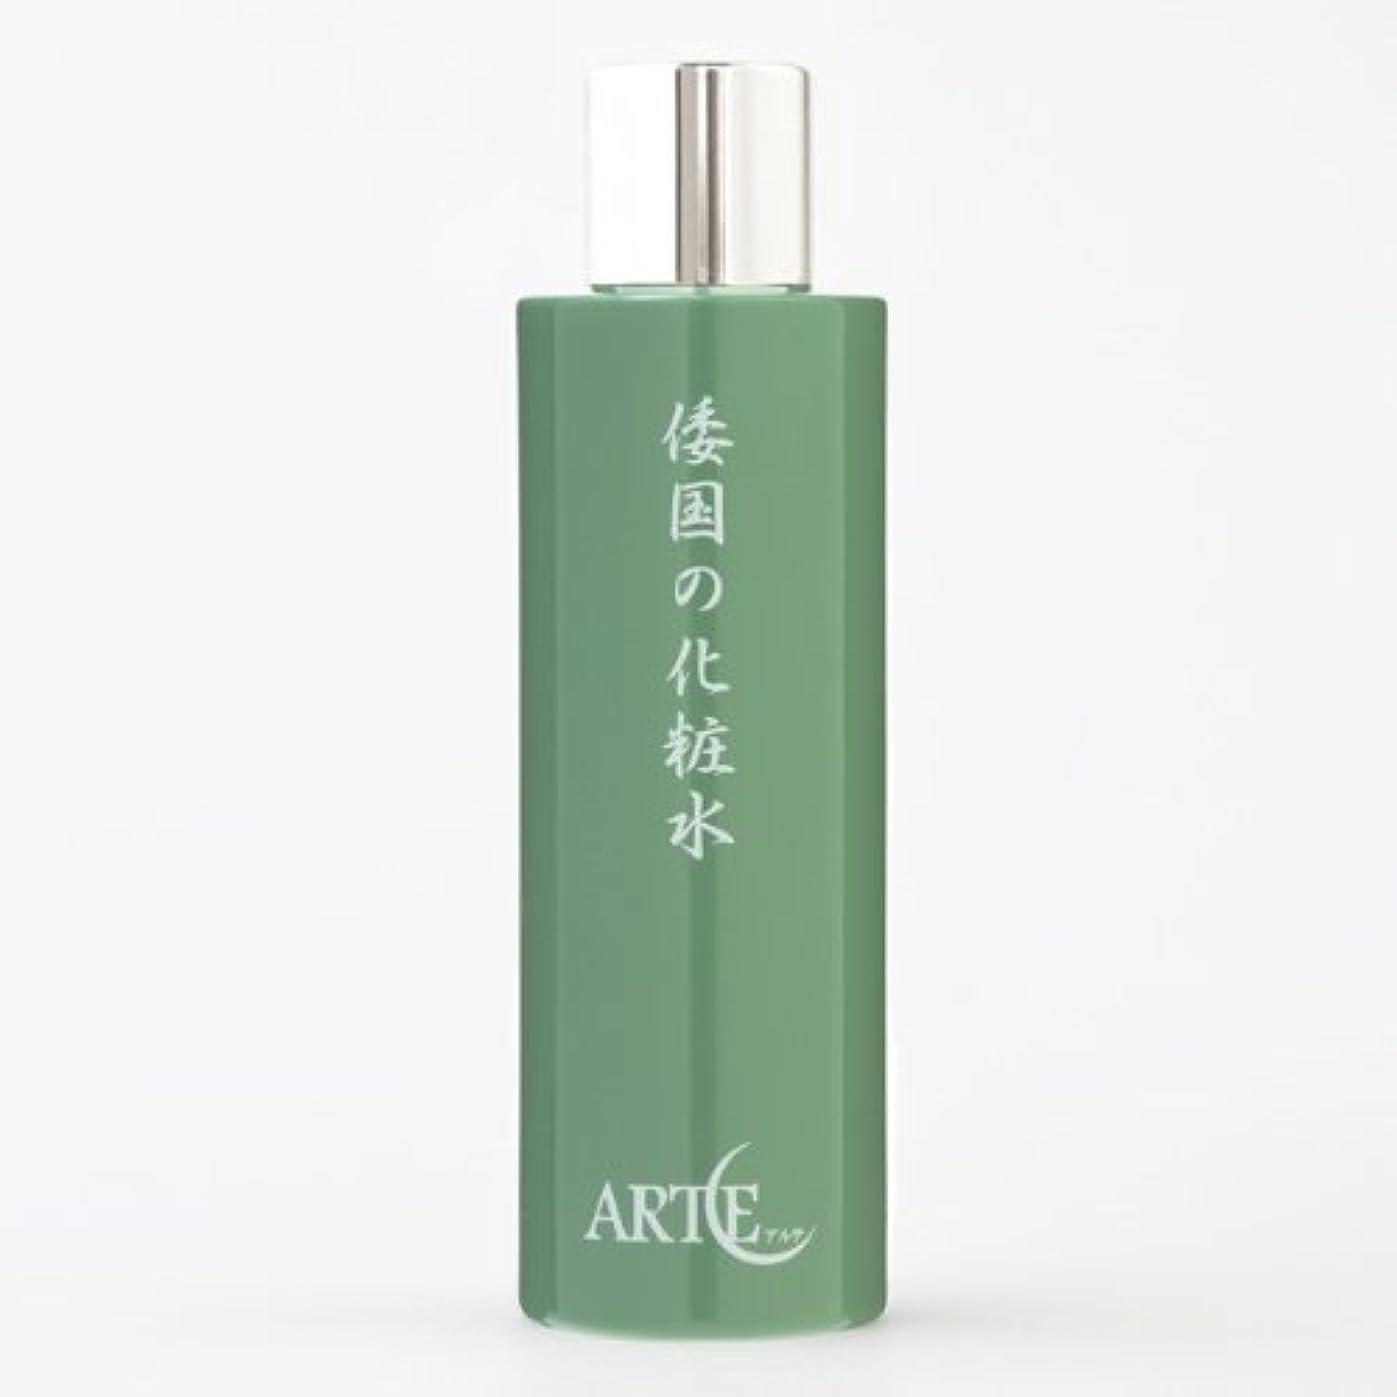 排出アーカイブシルエットアルテ 倭国の化粧水 敏感肌用 100ml